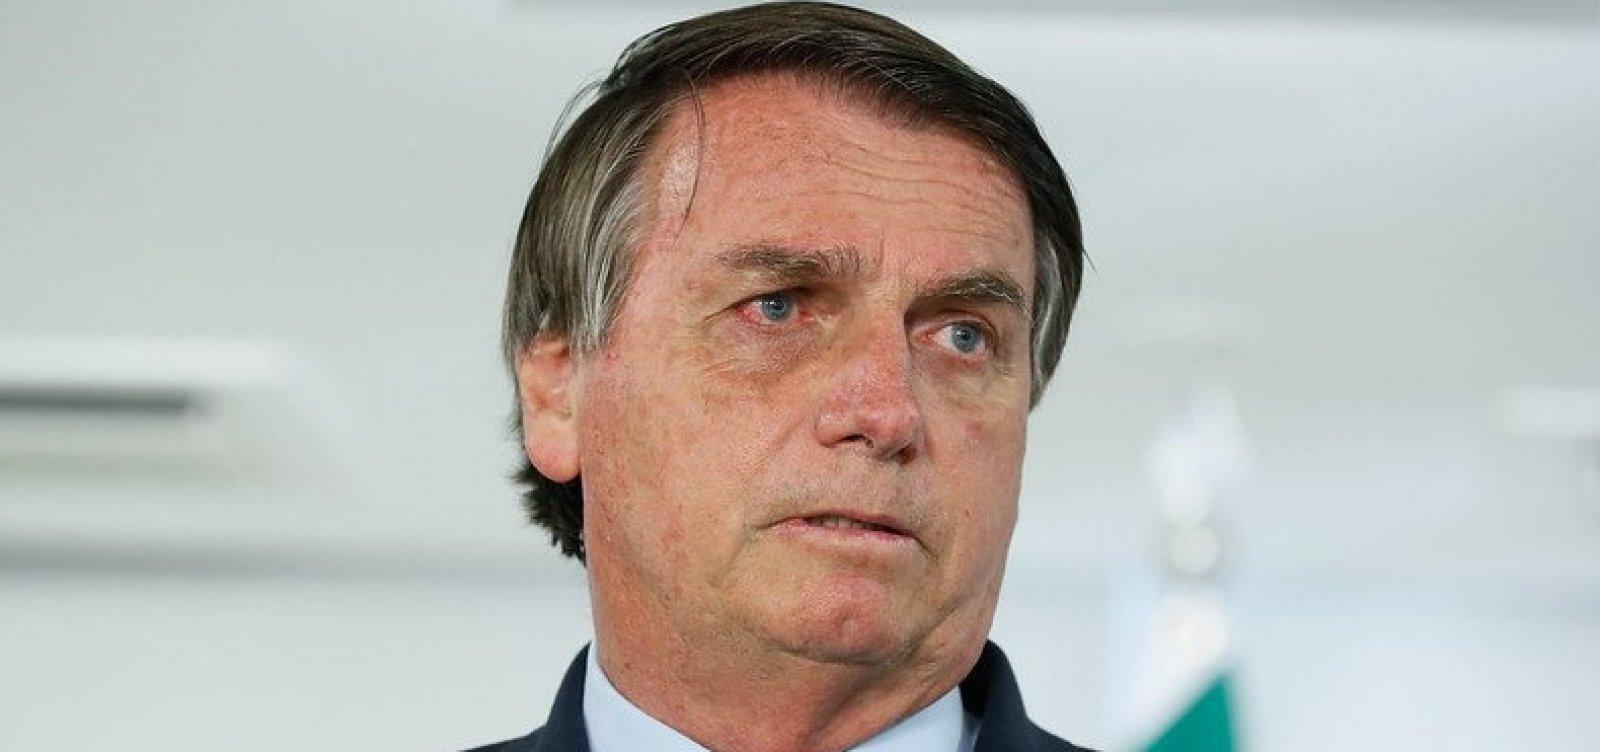 'Não vou tomar vacina e ponto final', diz Bolsonaro sobre imunizante para Covid-19